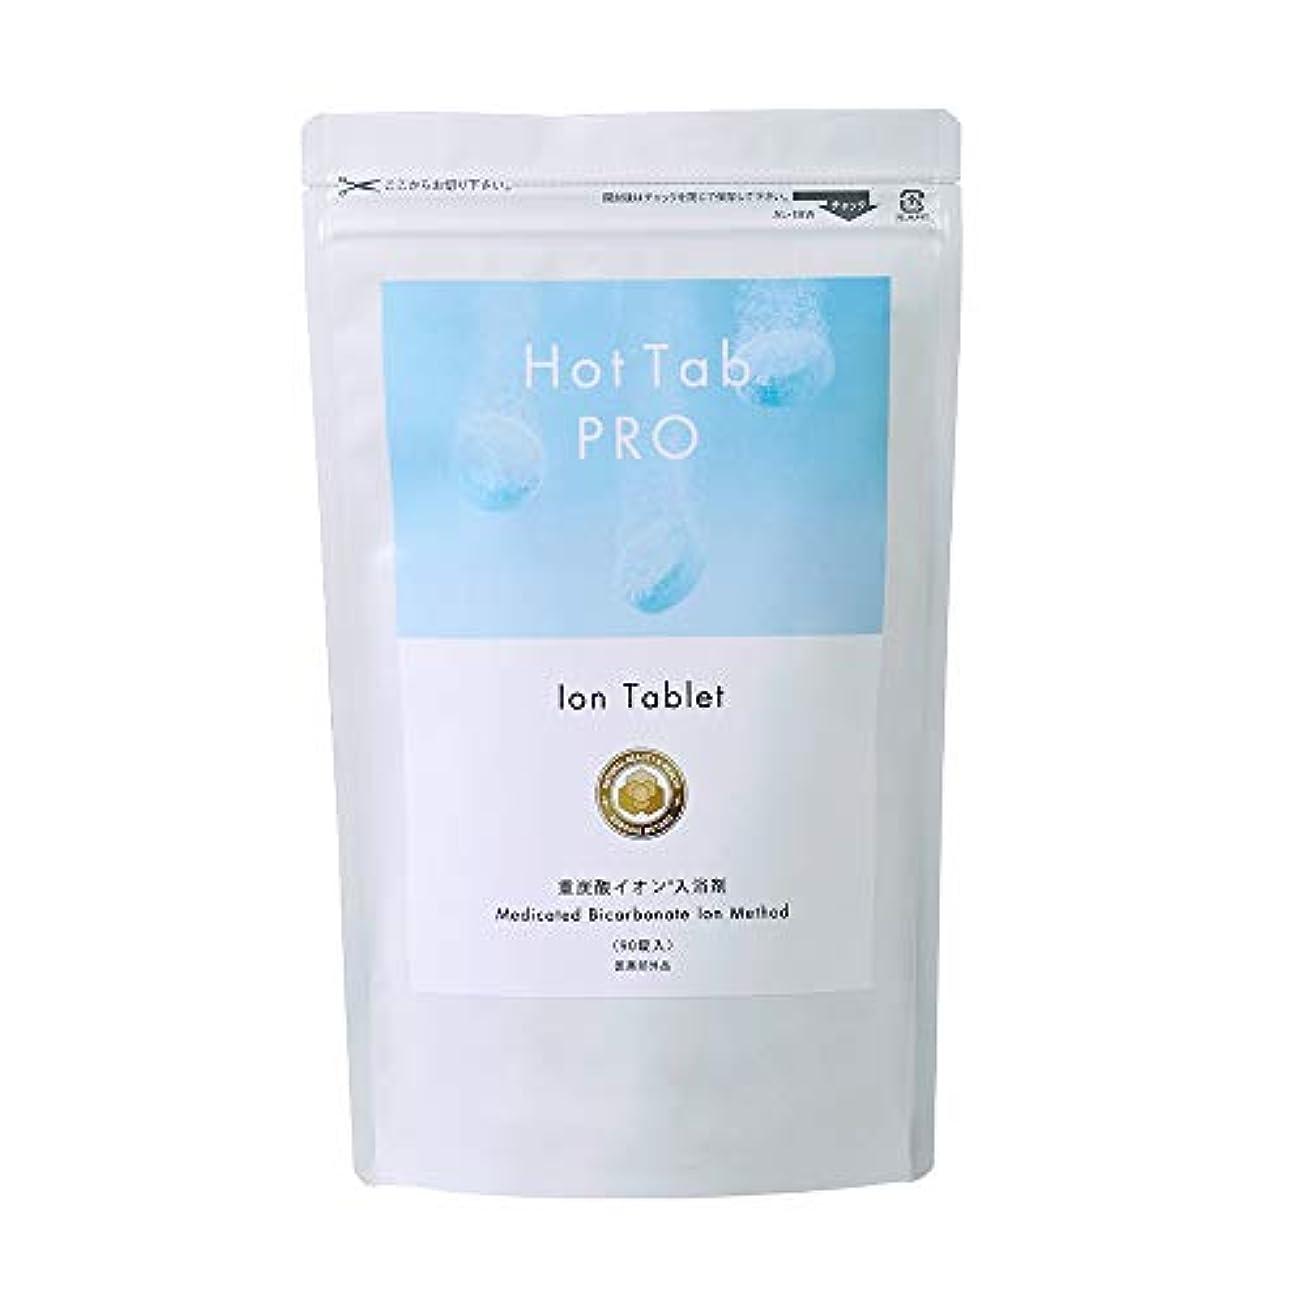 ベッド喉頭レイア最新型 日本製なめらか重炭酸入浴剤「ホットタブPro」(デリケートな肌でも安心 無香料 無着色 中性pH) (お得な90錠セット)